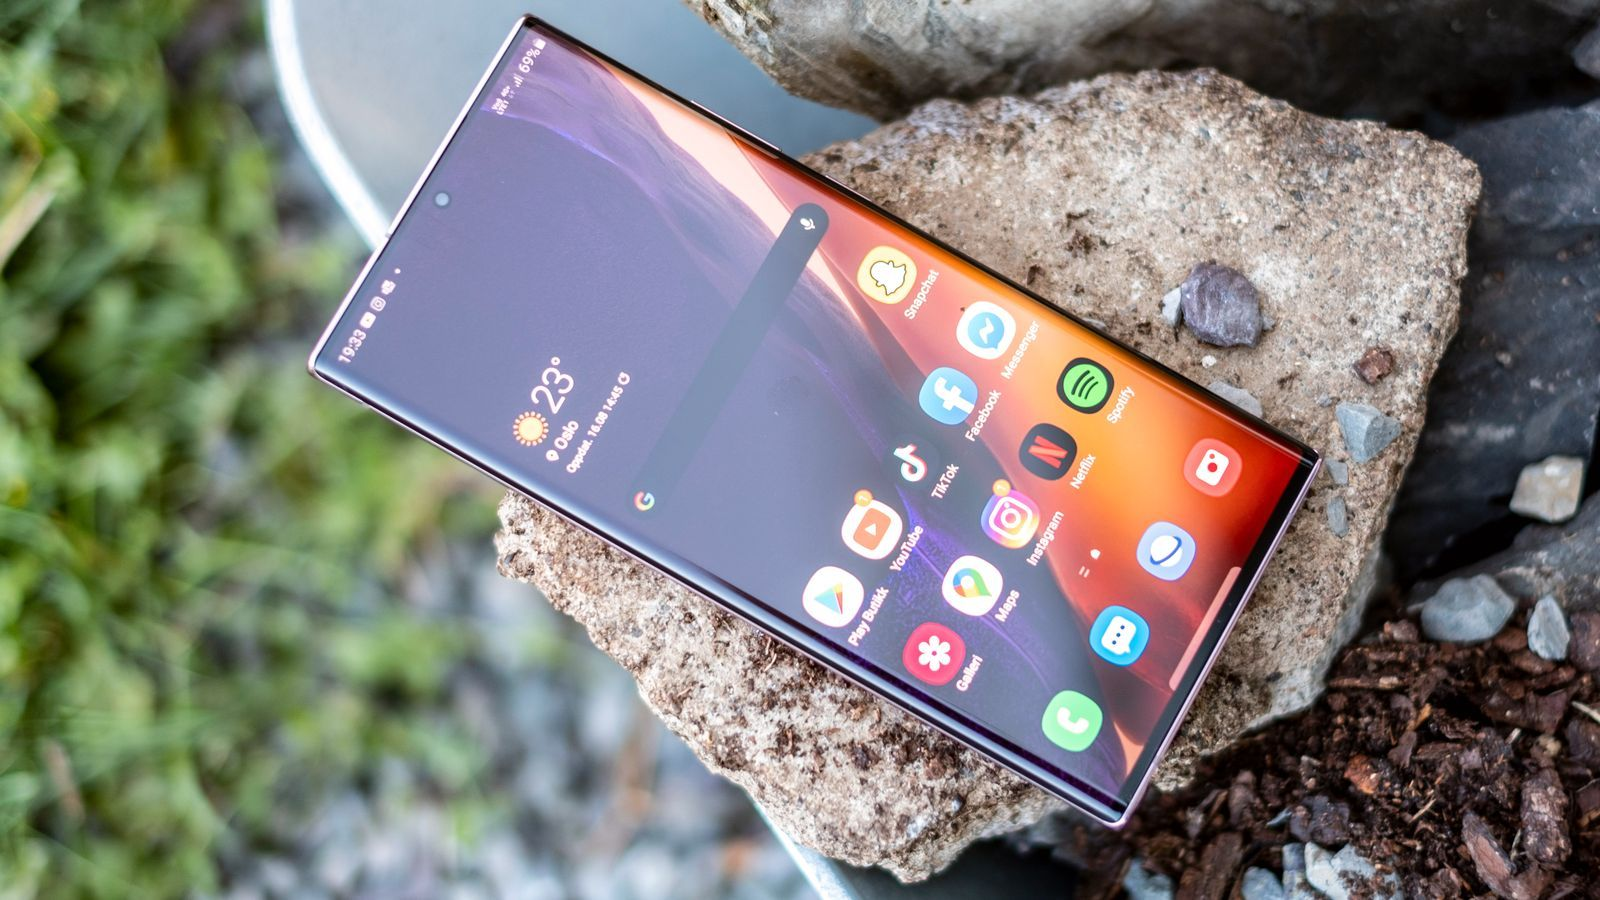 Galaxy Note 20 Ultra bruker en Samsung Exynos-prosessor. Inni den er det Arm-design både i selve prosessorkjernene og i grafikkdelen. Prosessorene er tilpasset av Samsung, men basert på referansedesign fra britene, mens grafikkdelen er fullt ut Arms design.